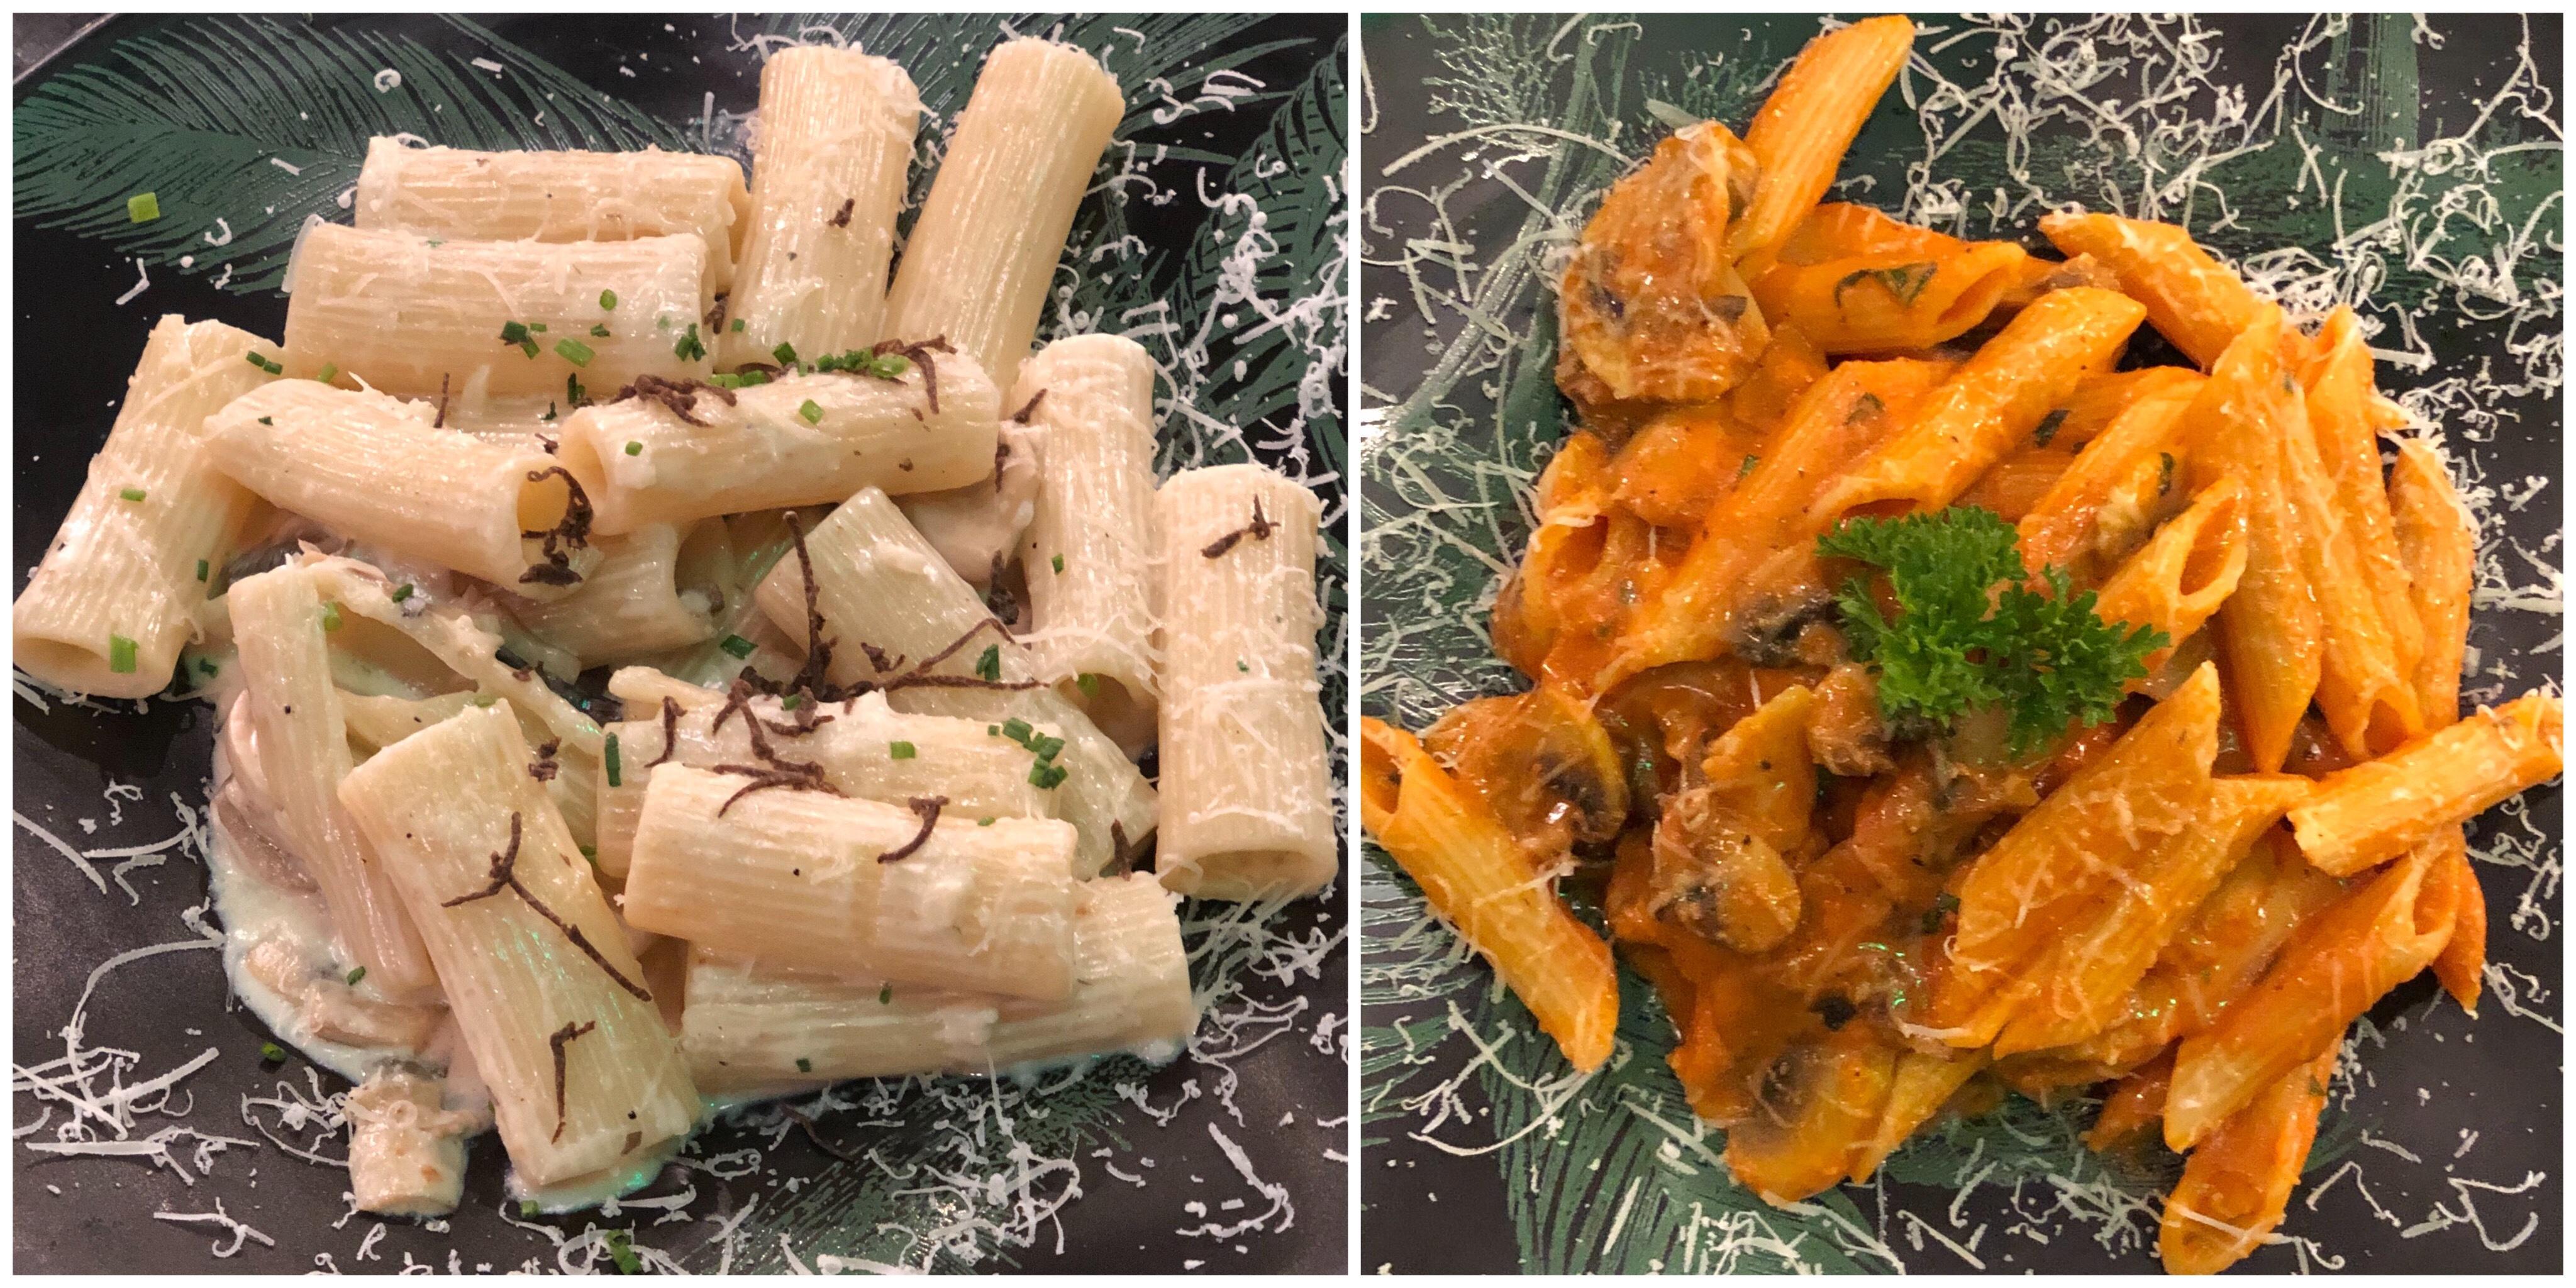 Truffle and mushroom pasta